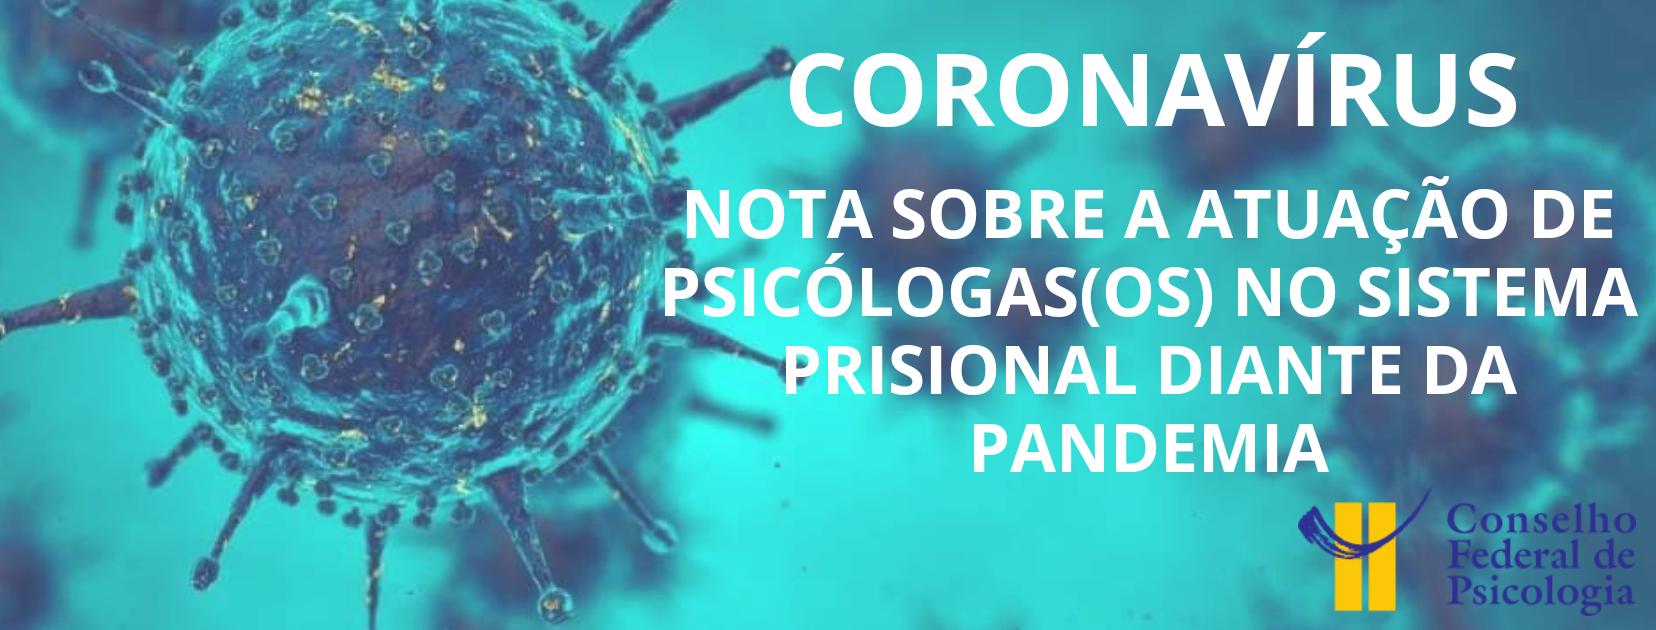 Nota sobre a atuação de psicólogas (os) no Sistema Prisional em relação à pandemia do novo coronavírus